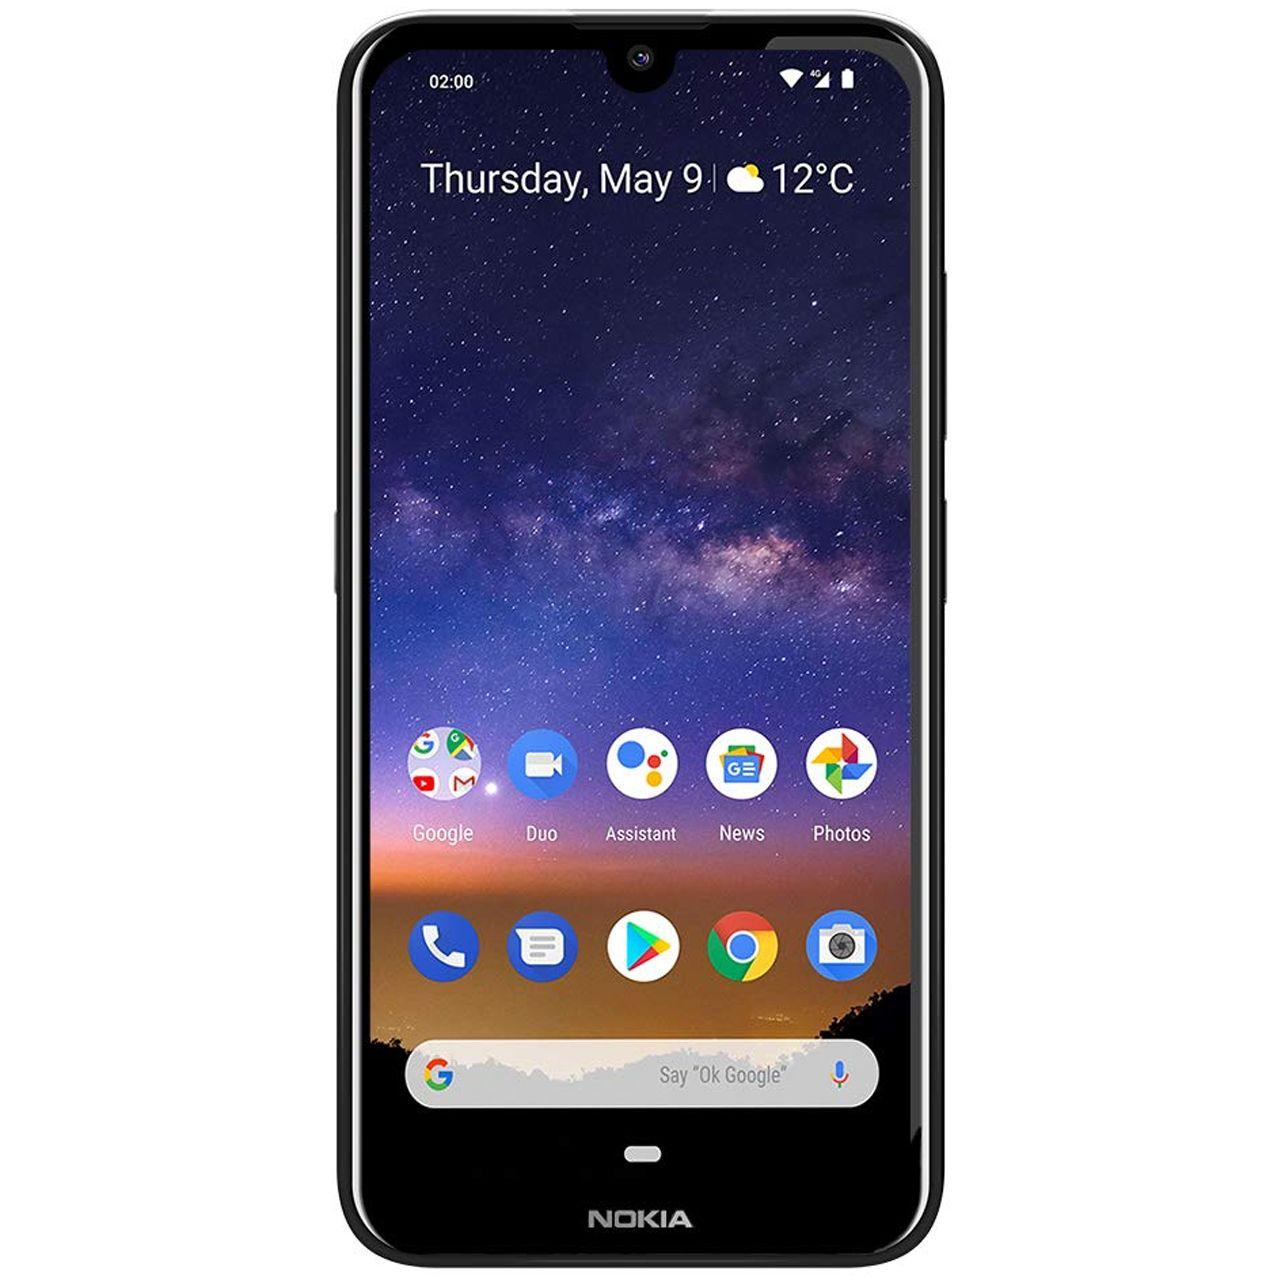 گوشی موبایل نوکیا مدل 2.2 - TA-1188DS دو سیم کارت ظرفیت 16 گیگابایت